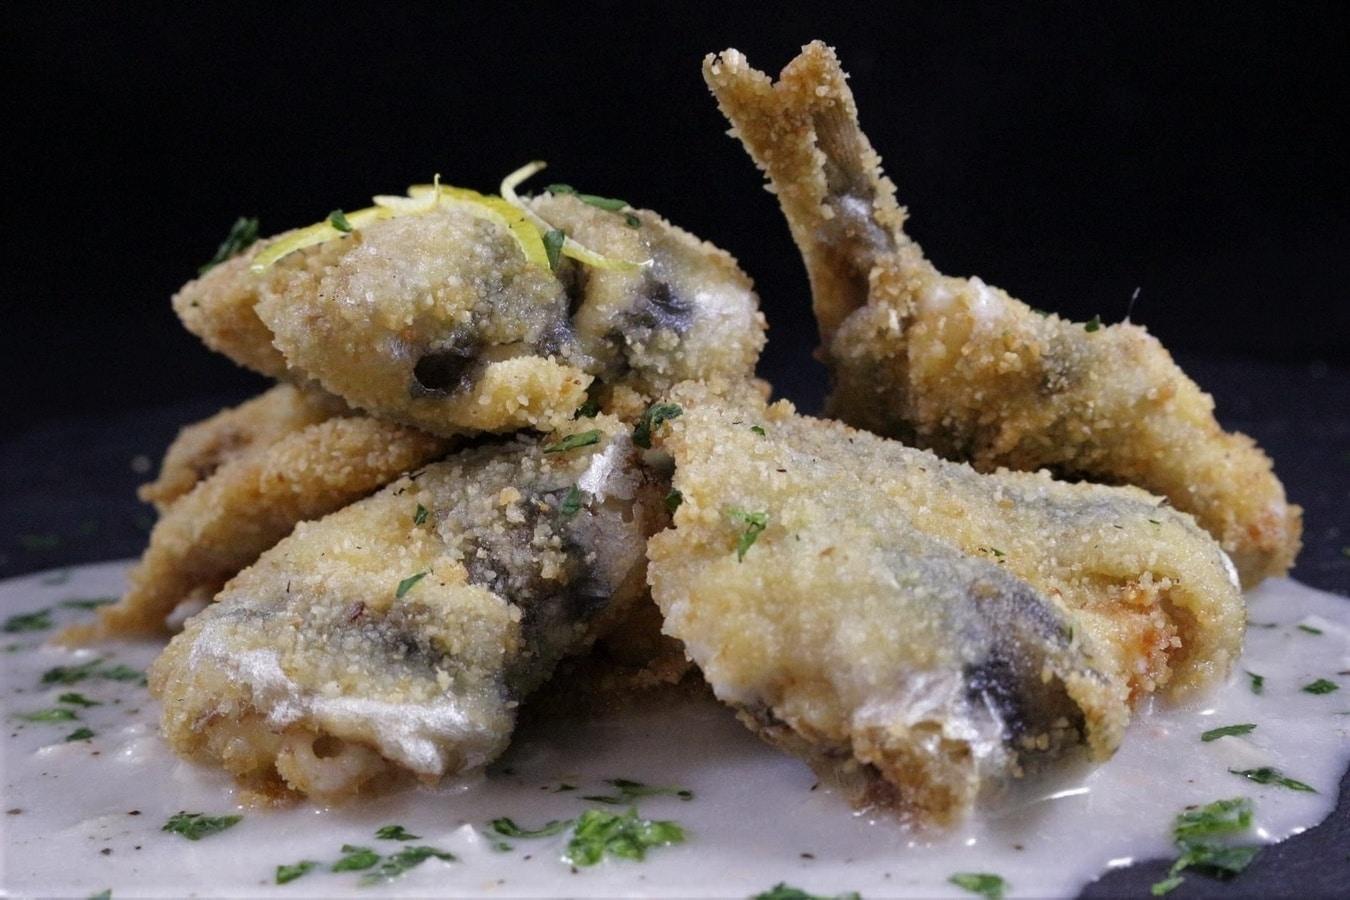 corso di cucina di pesce a torino, conoscere il pesce azzurro, imparare a cucinare il pesce scuola di cucina a torino corsi di cucina individuali corsi di cucina professionali